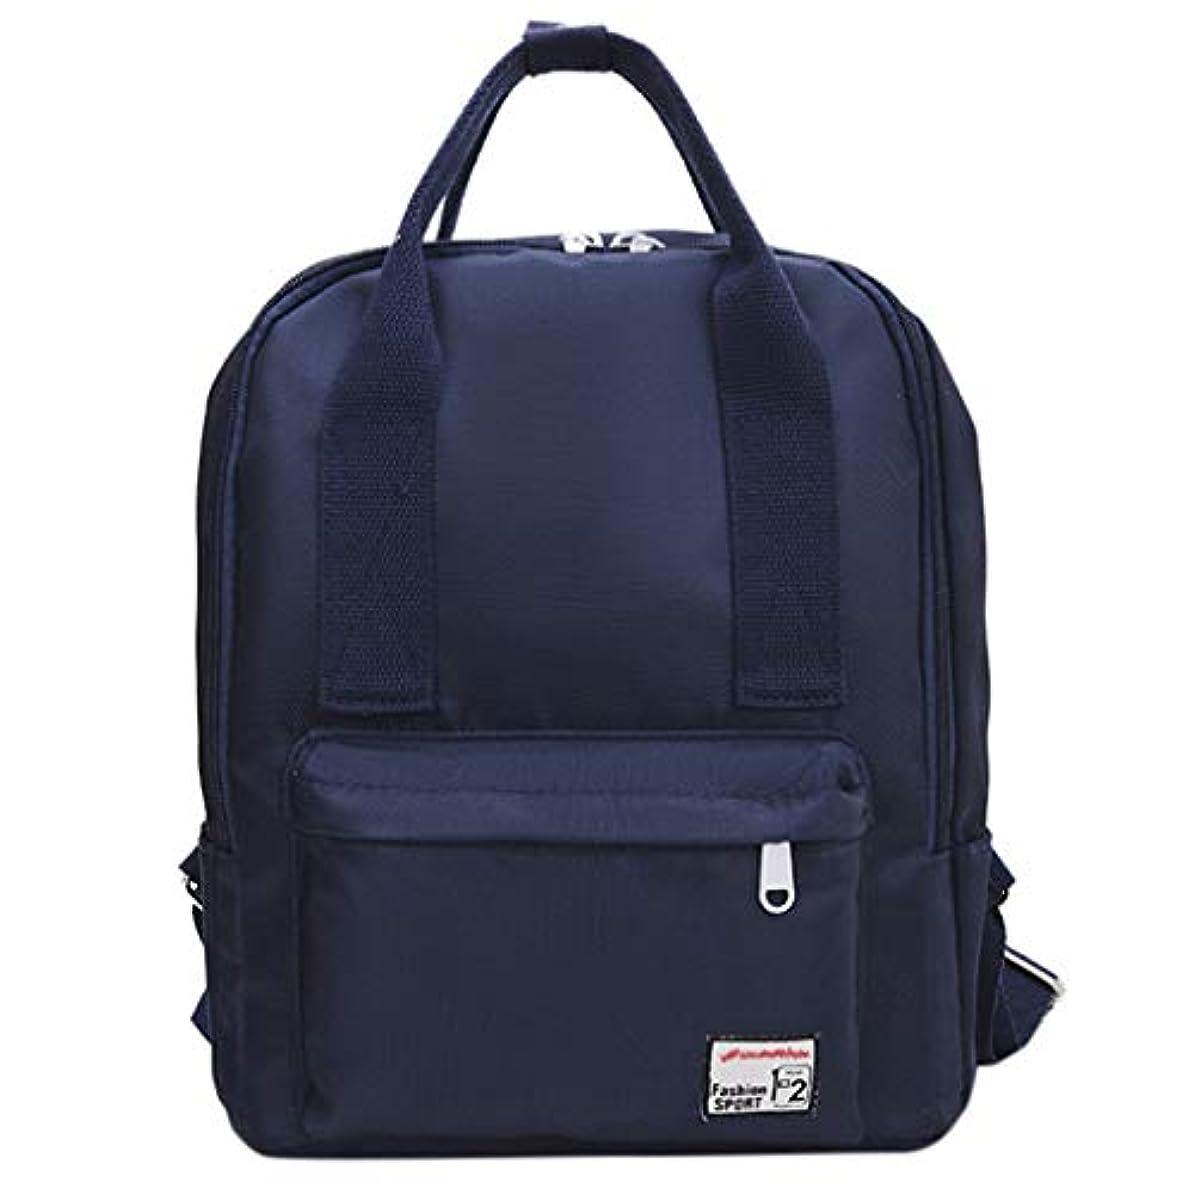 じゃないライフル条件付き女の子屋外かわいいシンプルなナイロンバックパック、学生襟カラーアートバッグ屋外軽量旅行ポータブル耐久性のあるバックパック